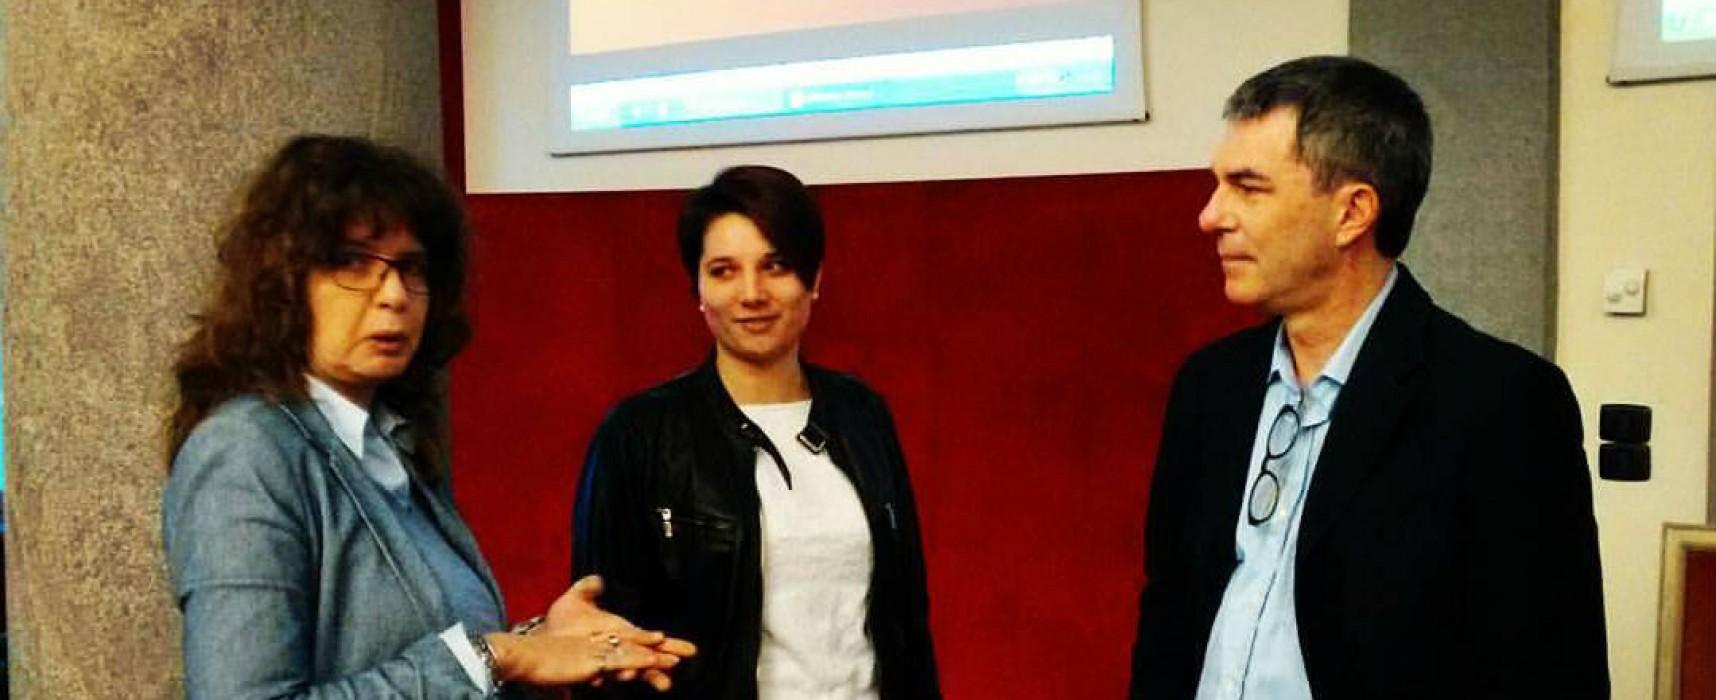 Presentazione di StopFake Italia